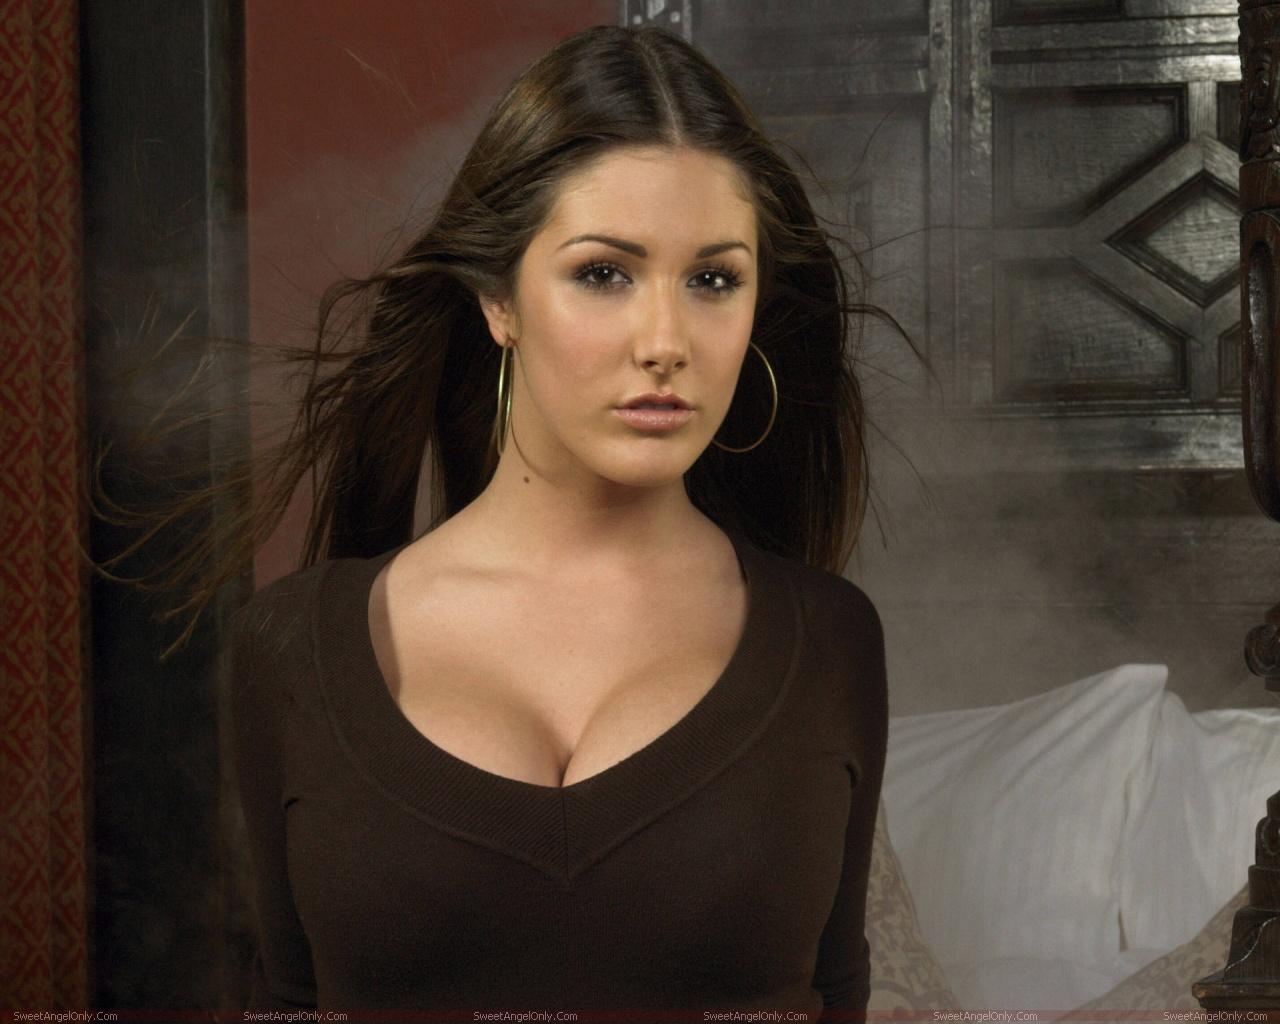 http://1.bp.blogspot.com/-hhuNewCJHtM/TYdh4wpEtxI/AAAAAAAAF2k/bEIEUfqXKfY/s1600/lucy_pinder_hollywood_hot_actress_wallpaper_sweetangelonly_03.jpg